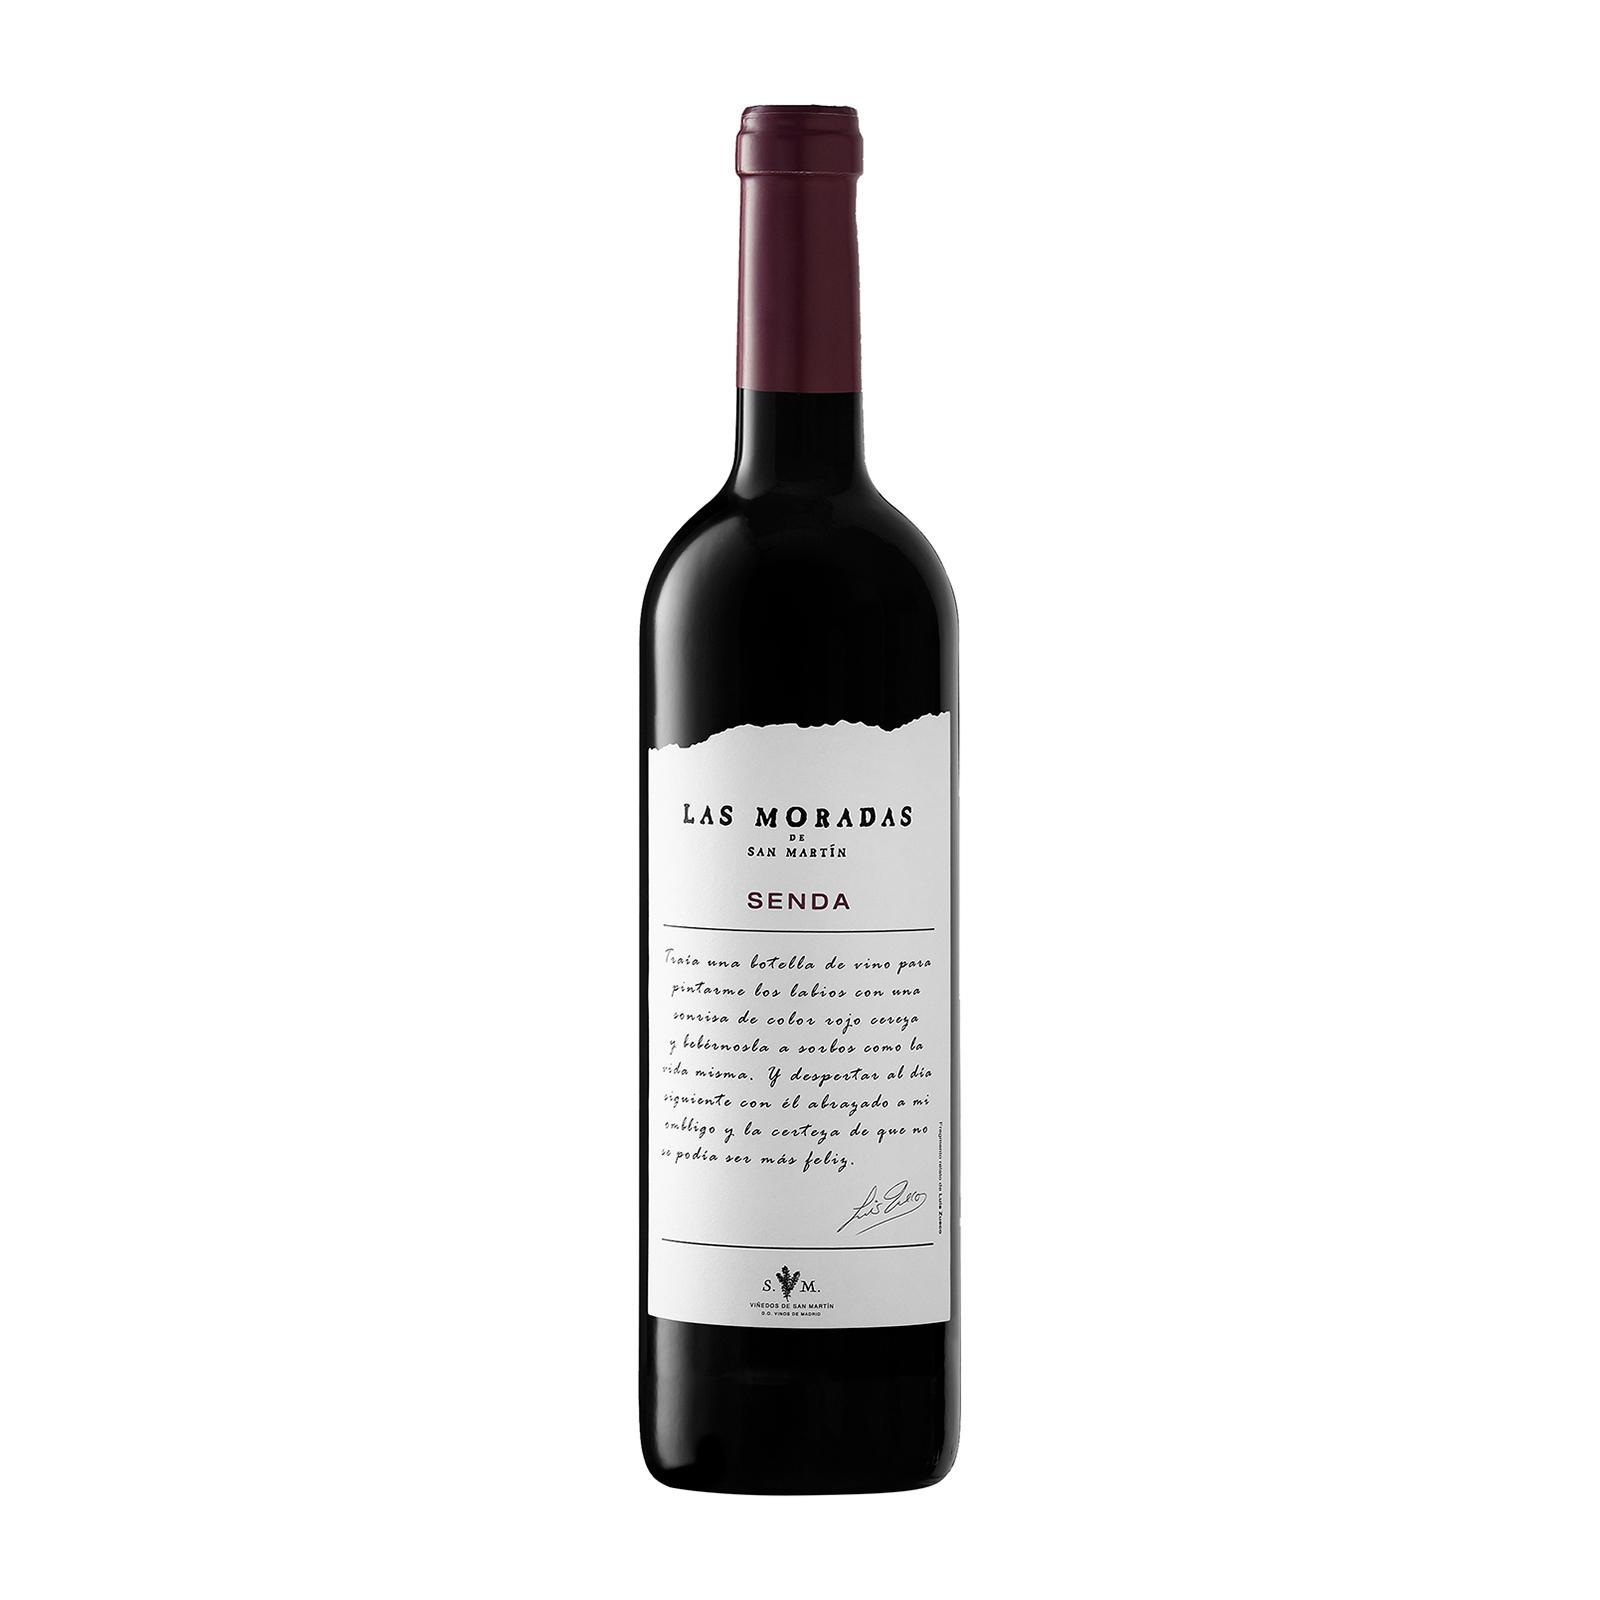 Las Moradas La Senda 2016 Spanish Wine - By TANINOS